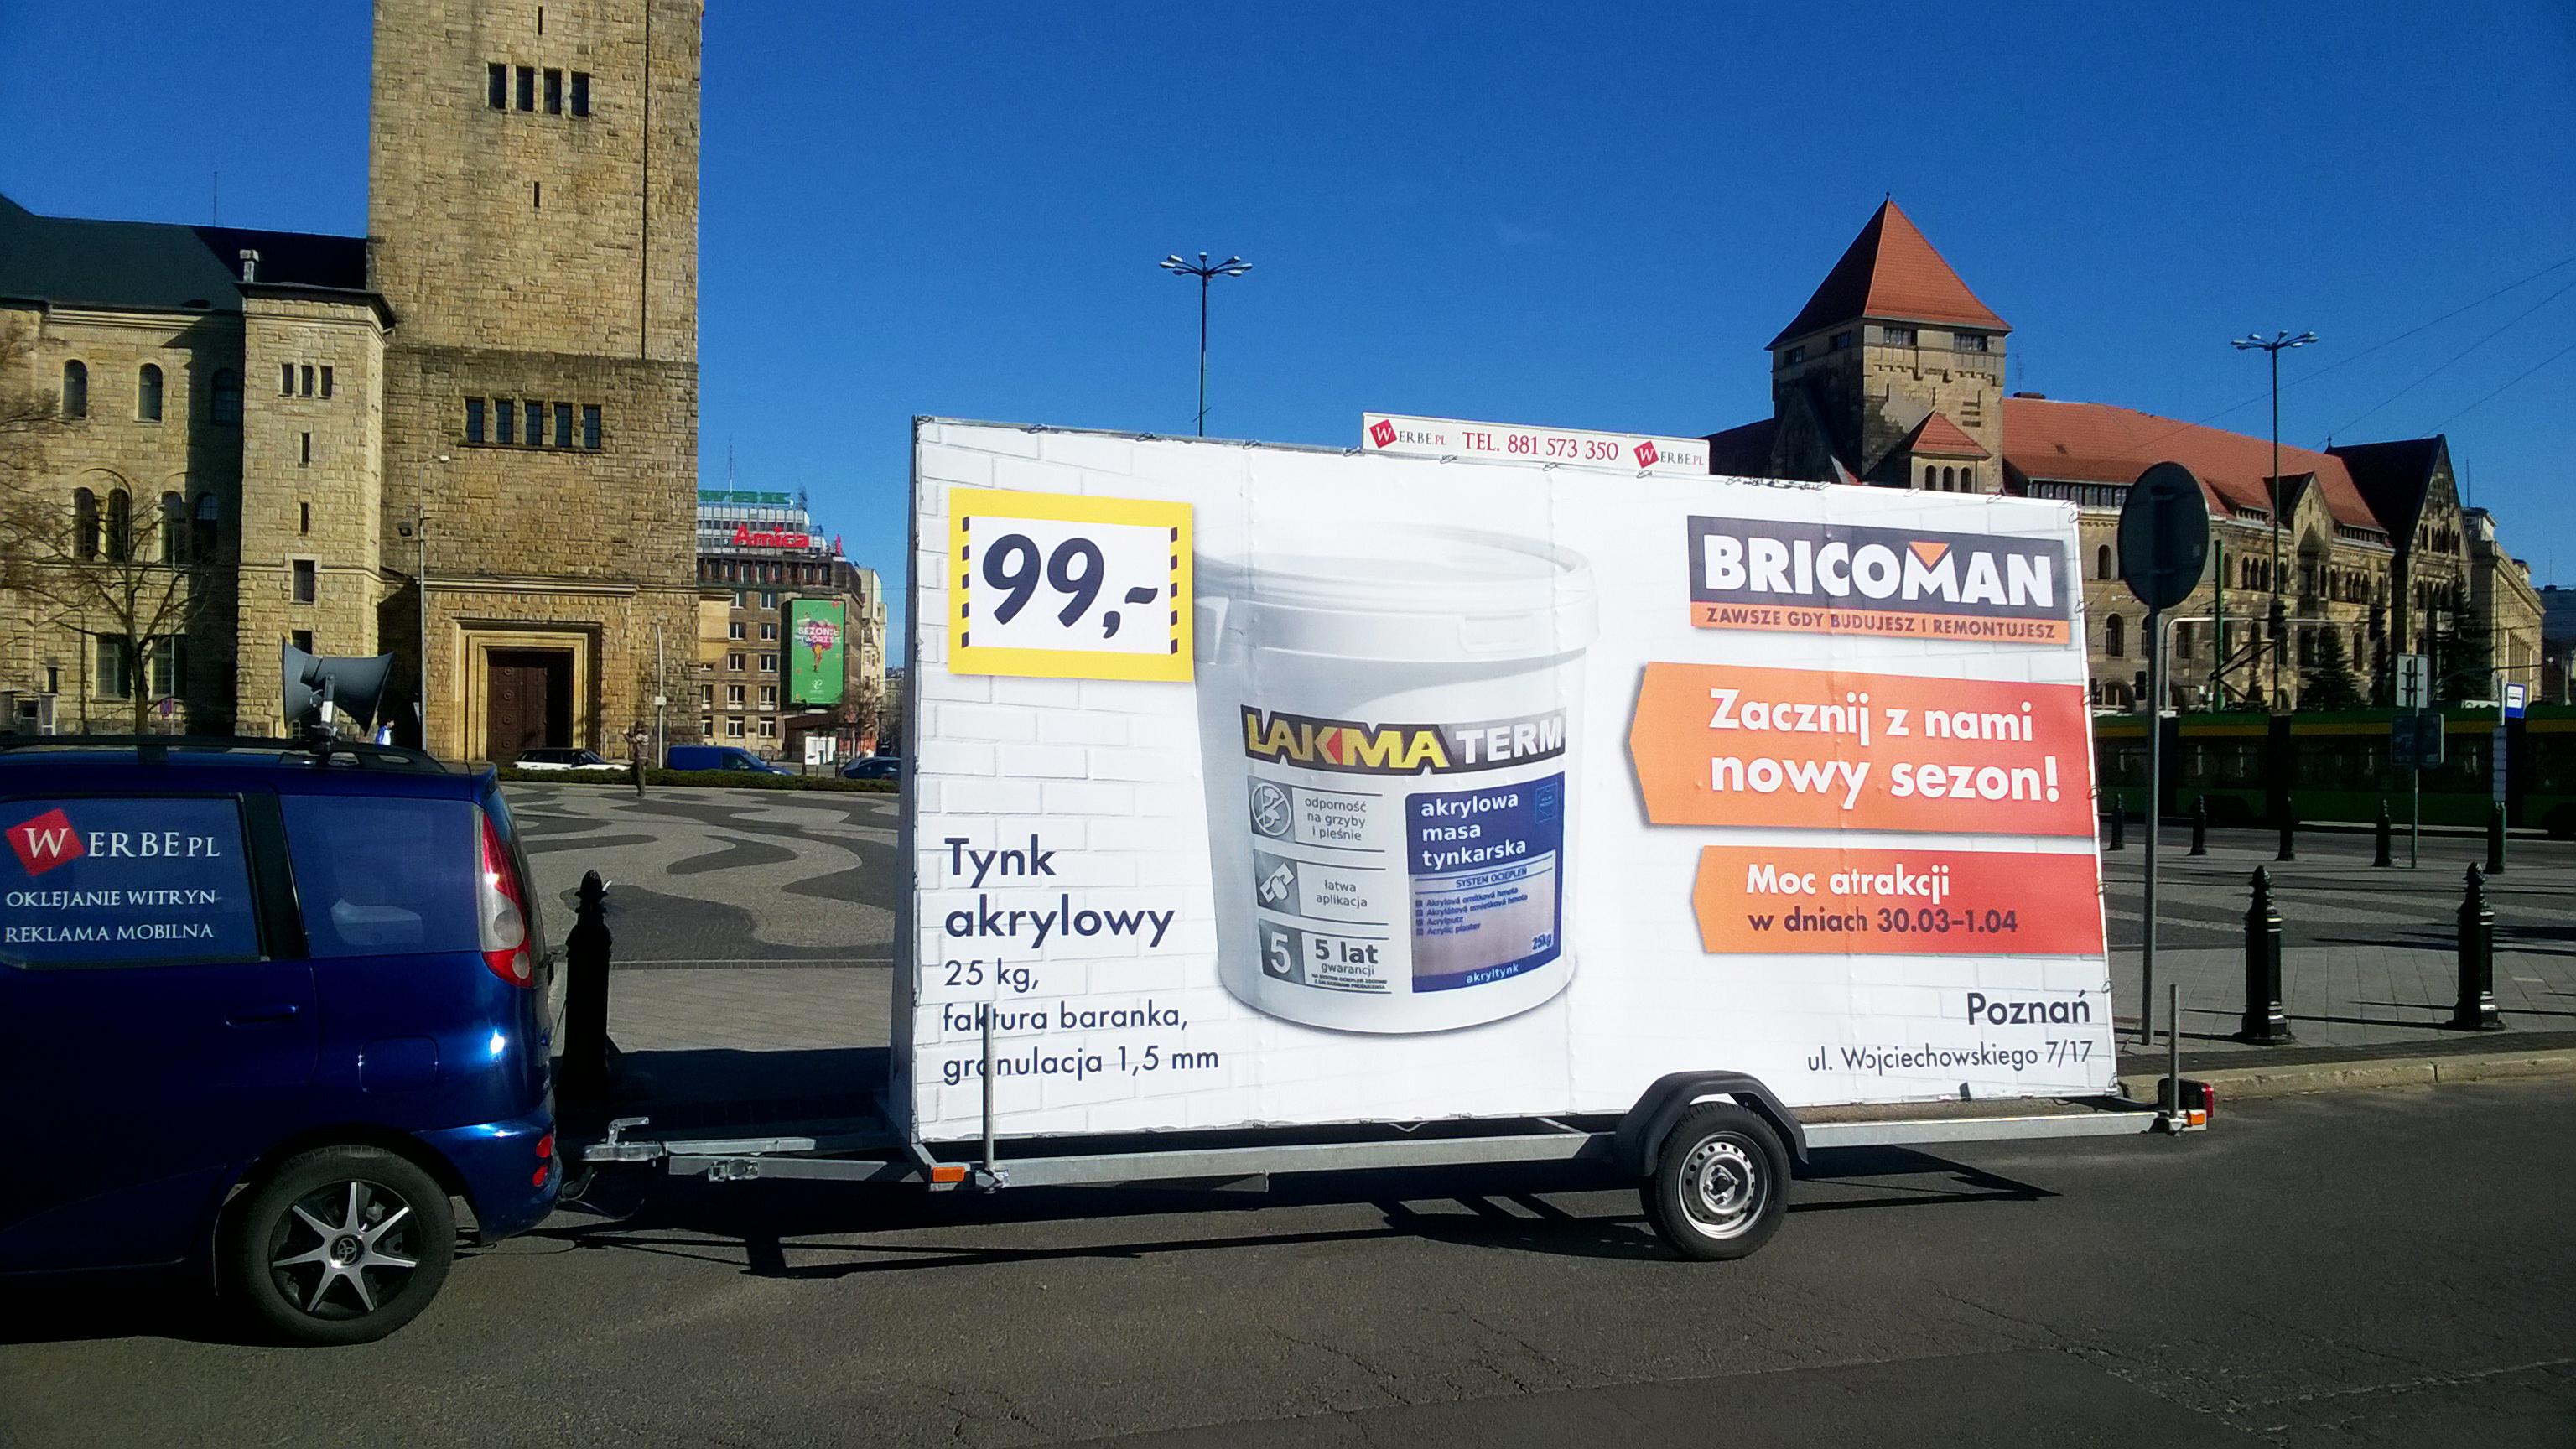 przyczepy-mobile-reklamowe-poznan